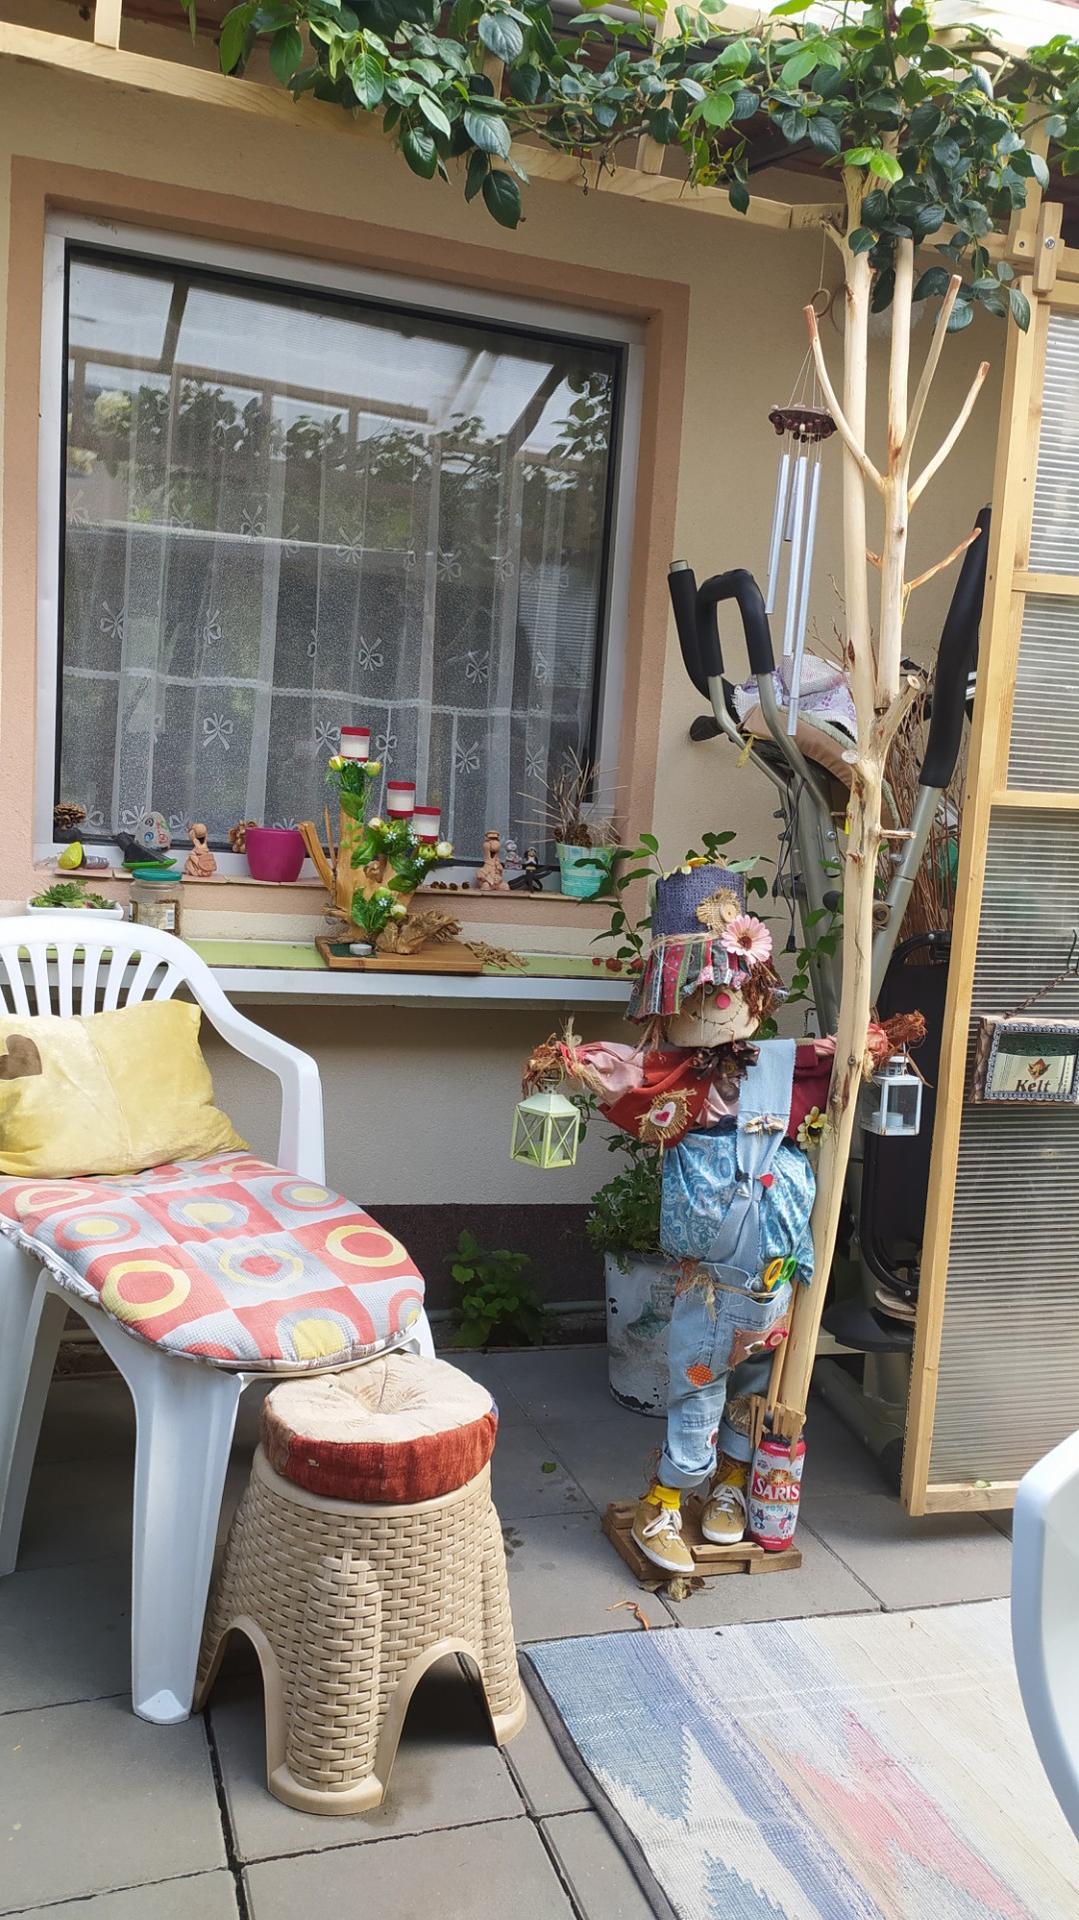 Moja záhradka,moja radosť,relax. - Obrázok č. 10